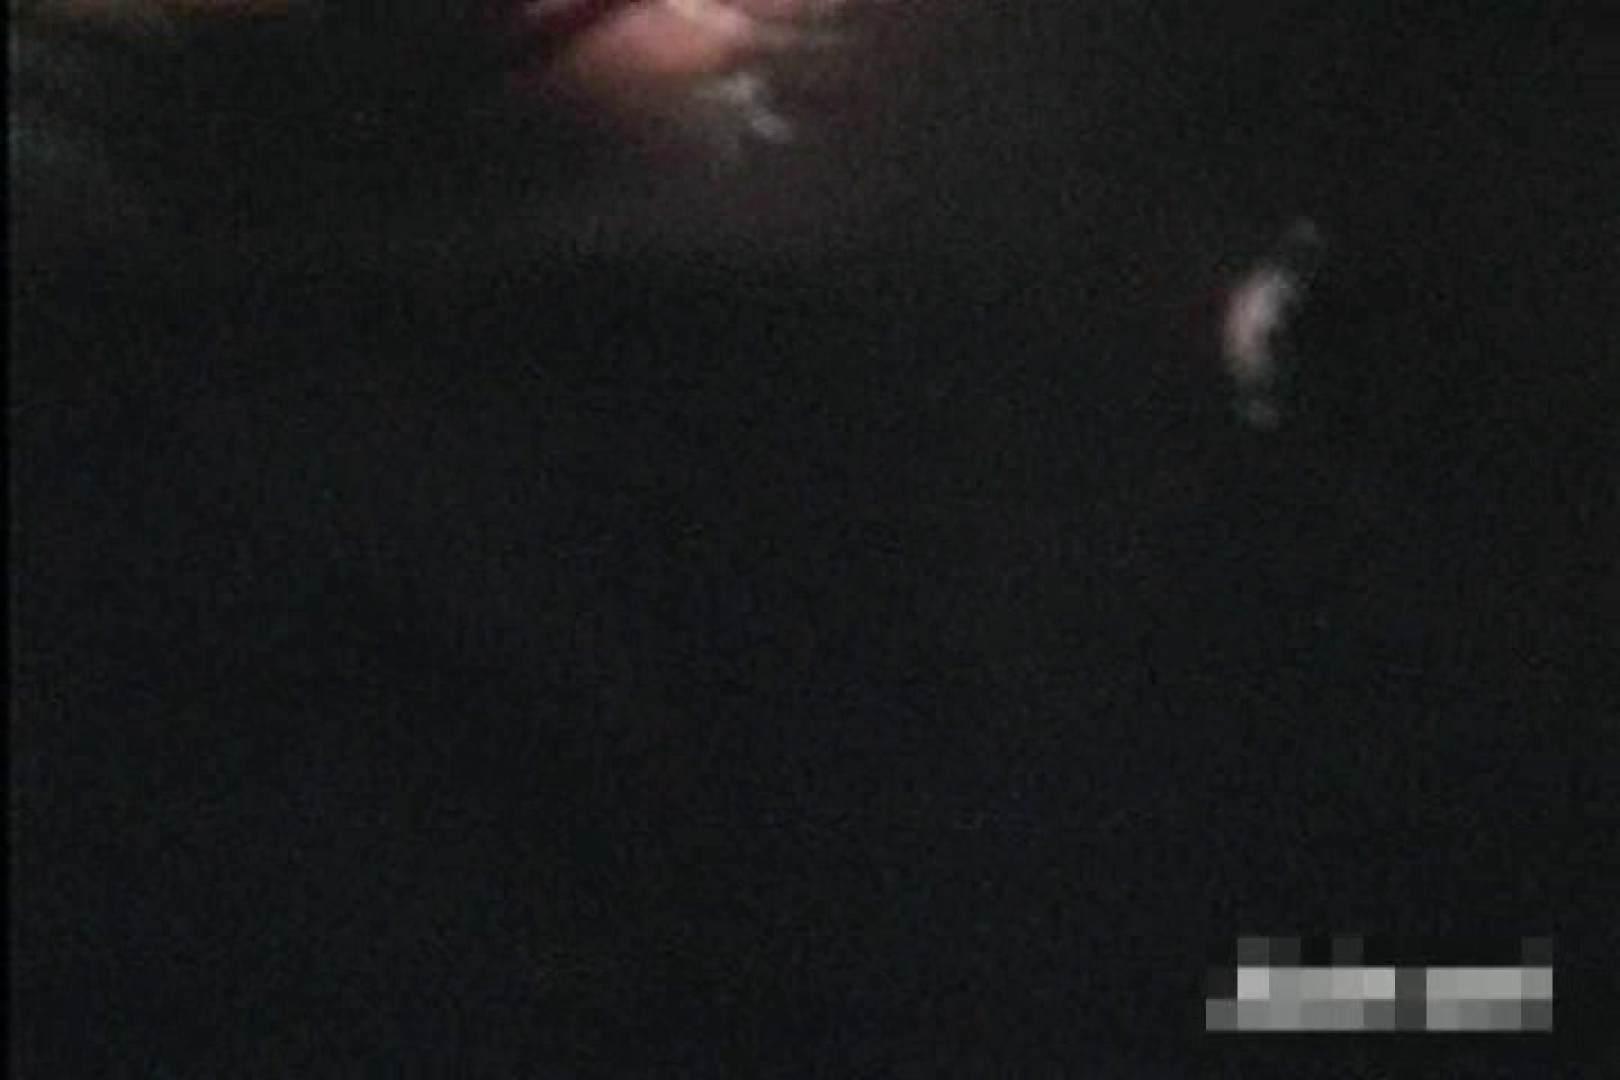 激撮ストーカー記録あなたのお宅拝見しますVol.1 プライベート おまんこ無修正動画無料 71画像 15